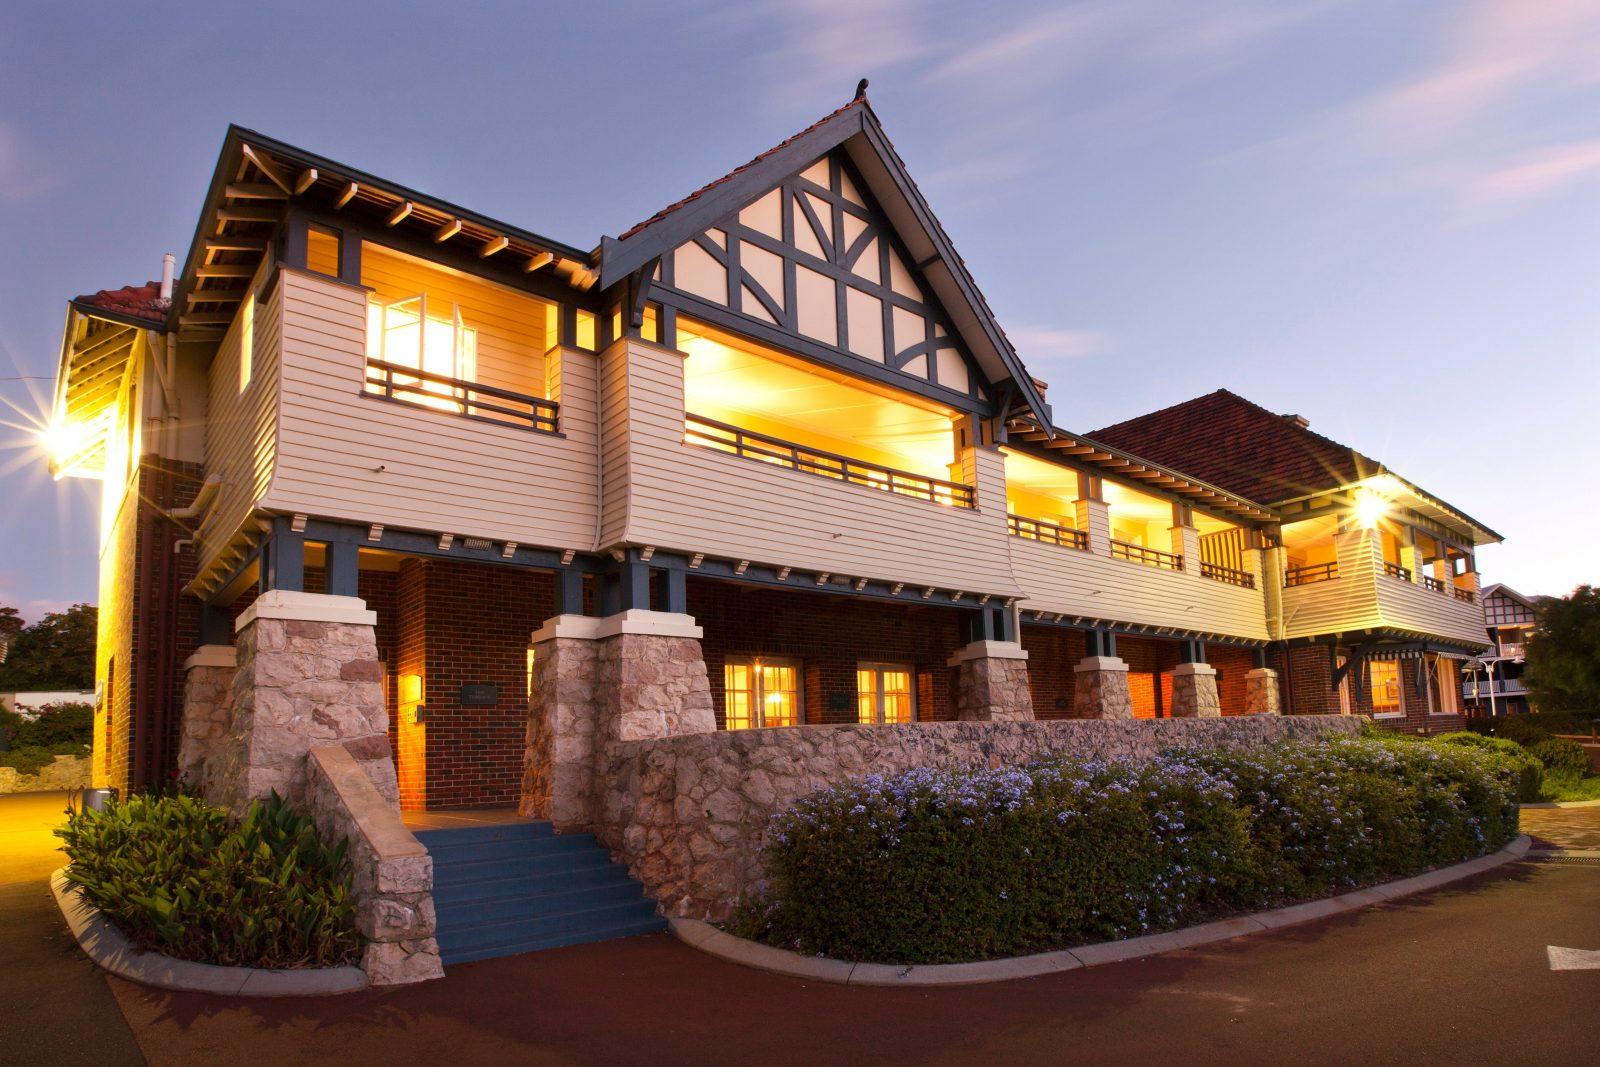 Caves House Hotel, Yallingup, Western Australia